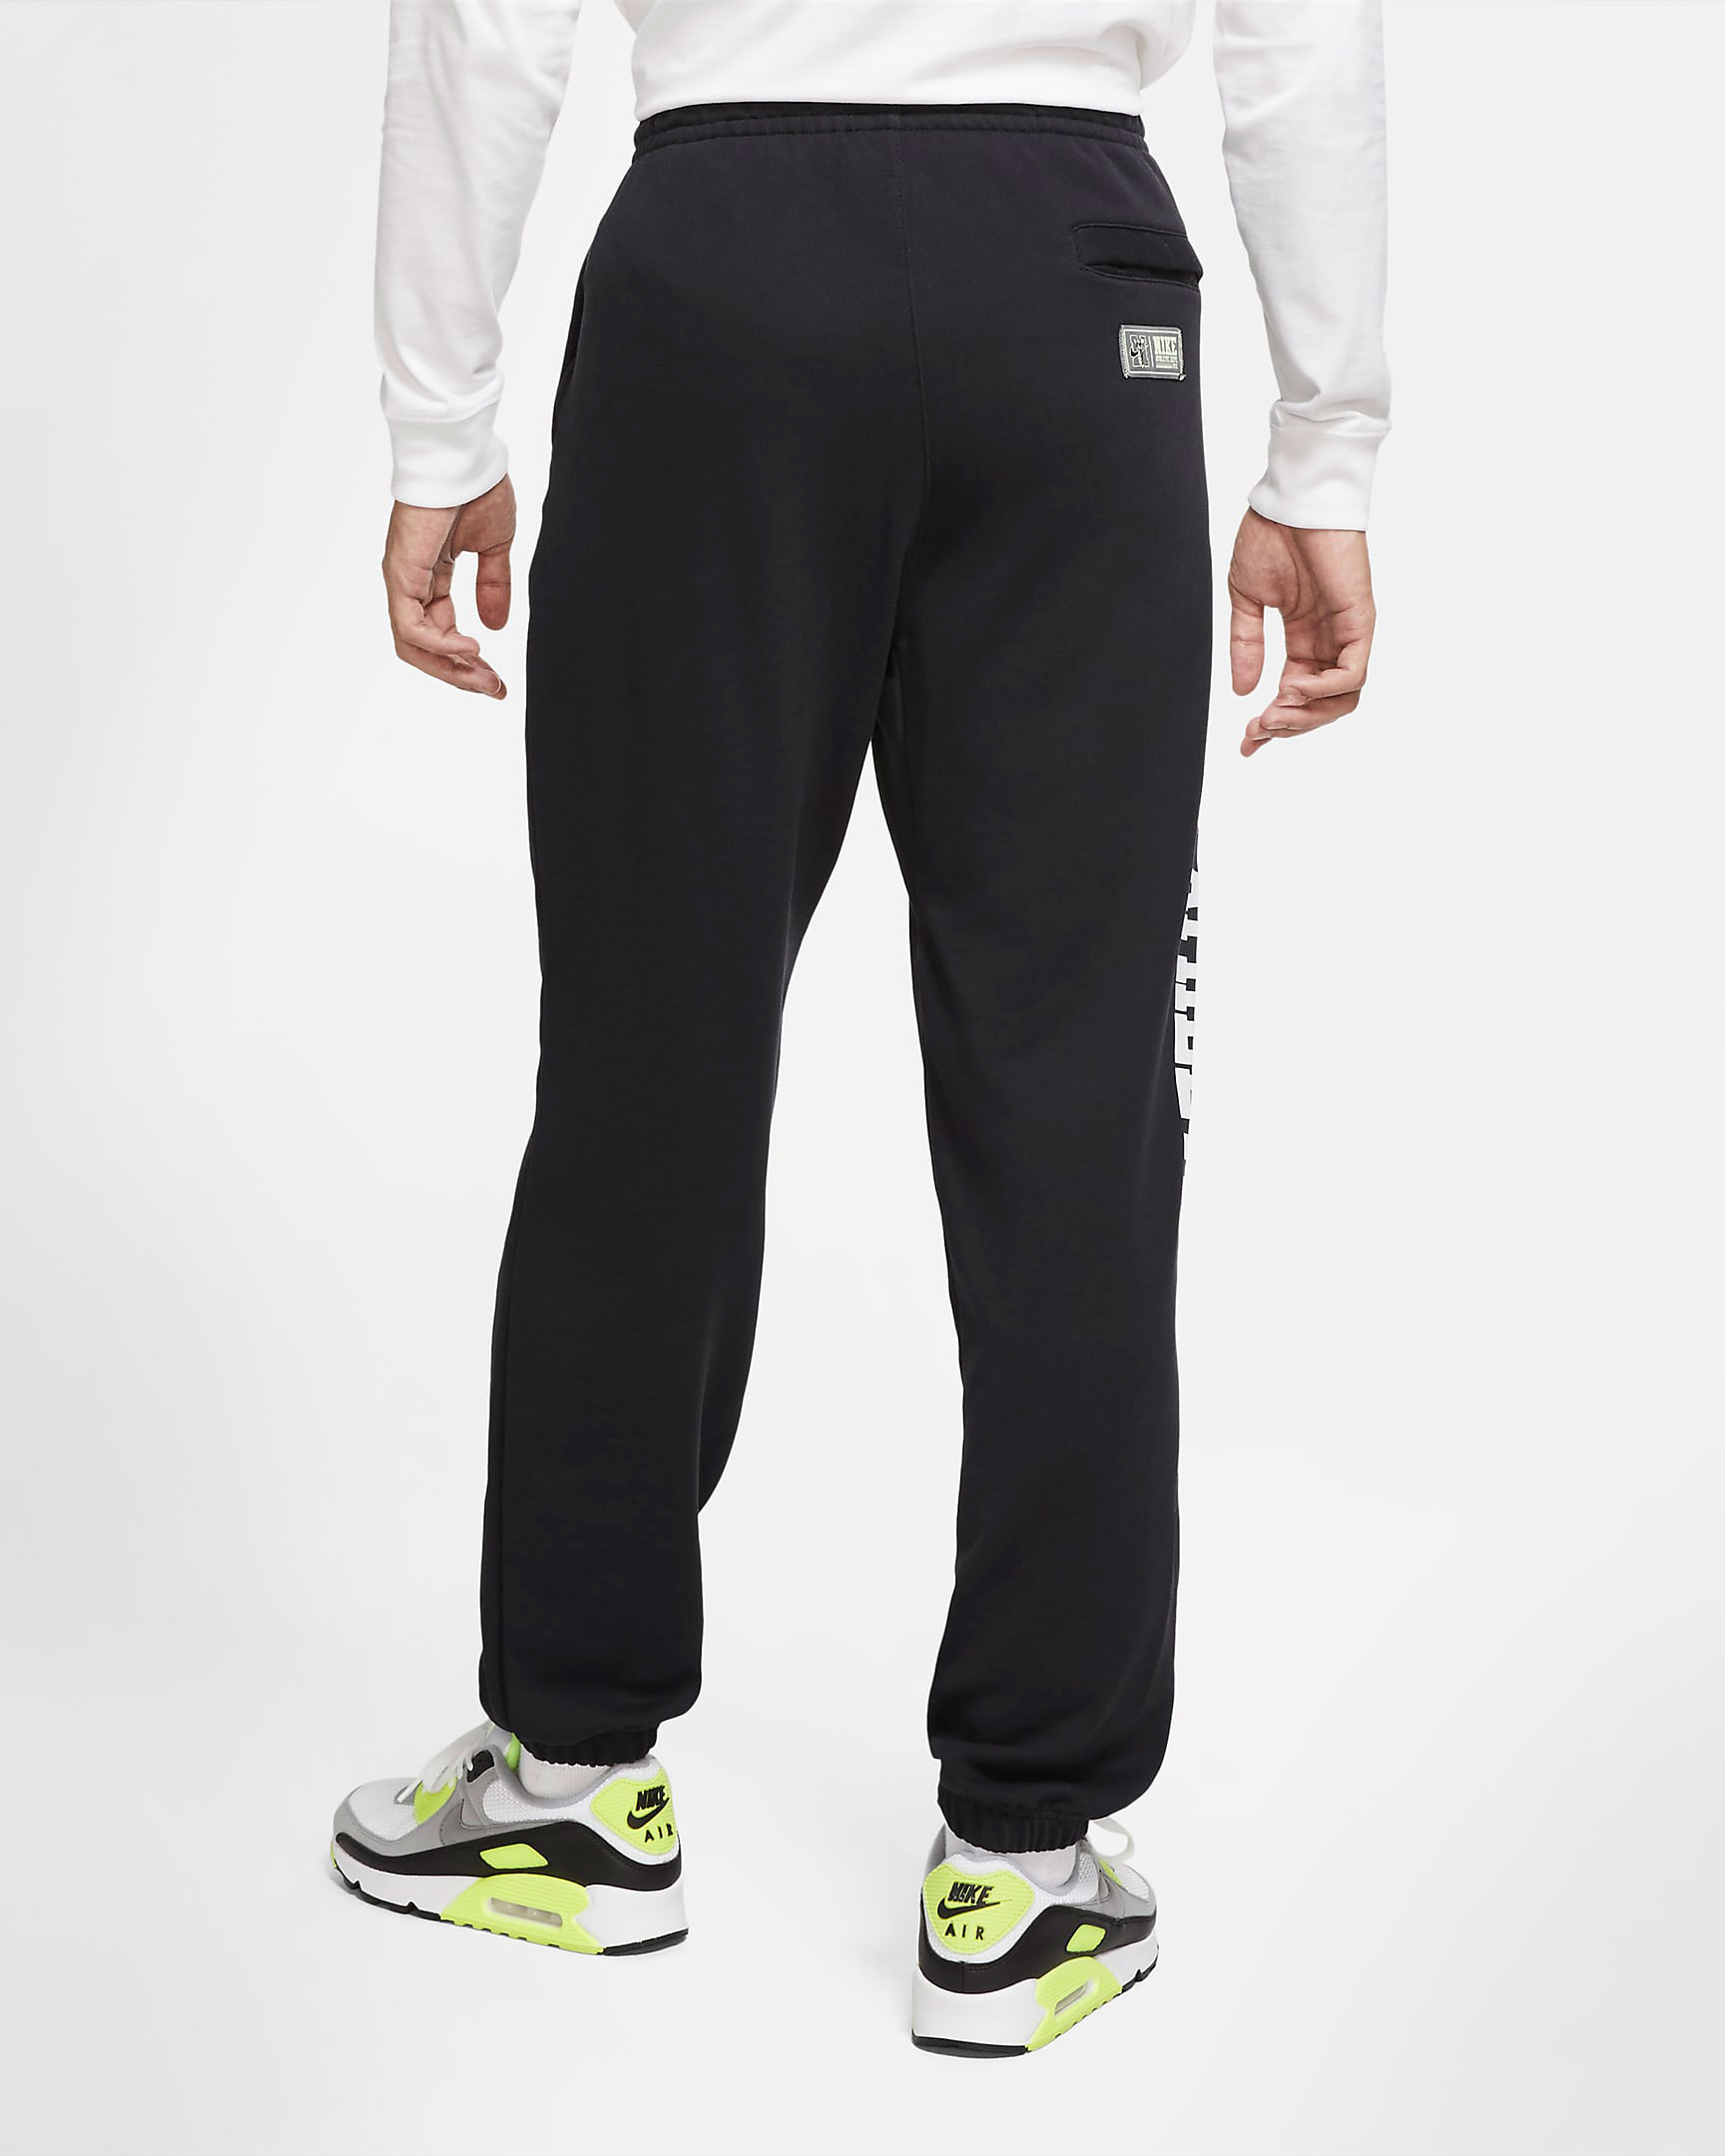 nike-air-max-95-neon-2020-jogger-pants-2